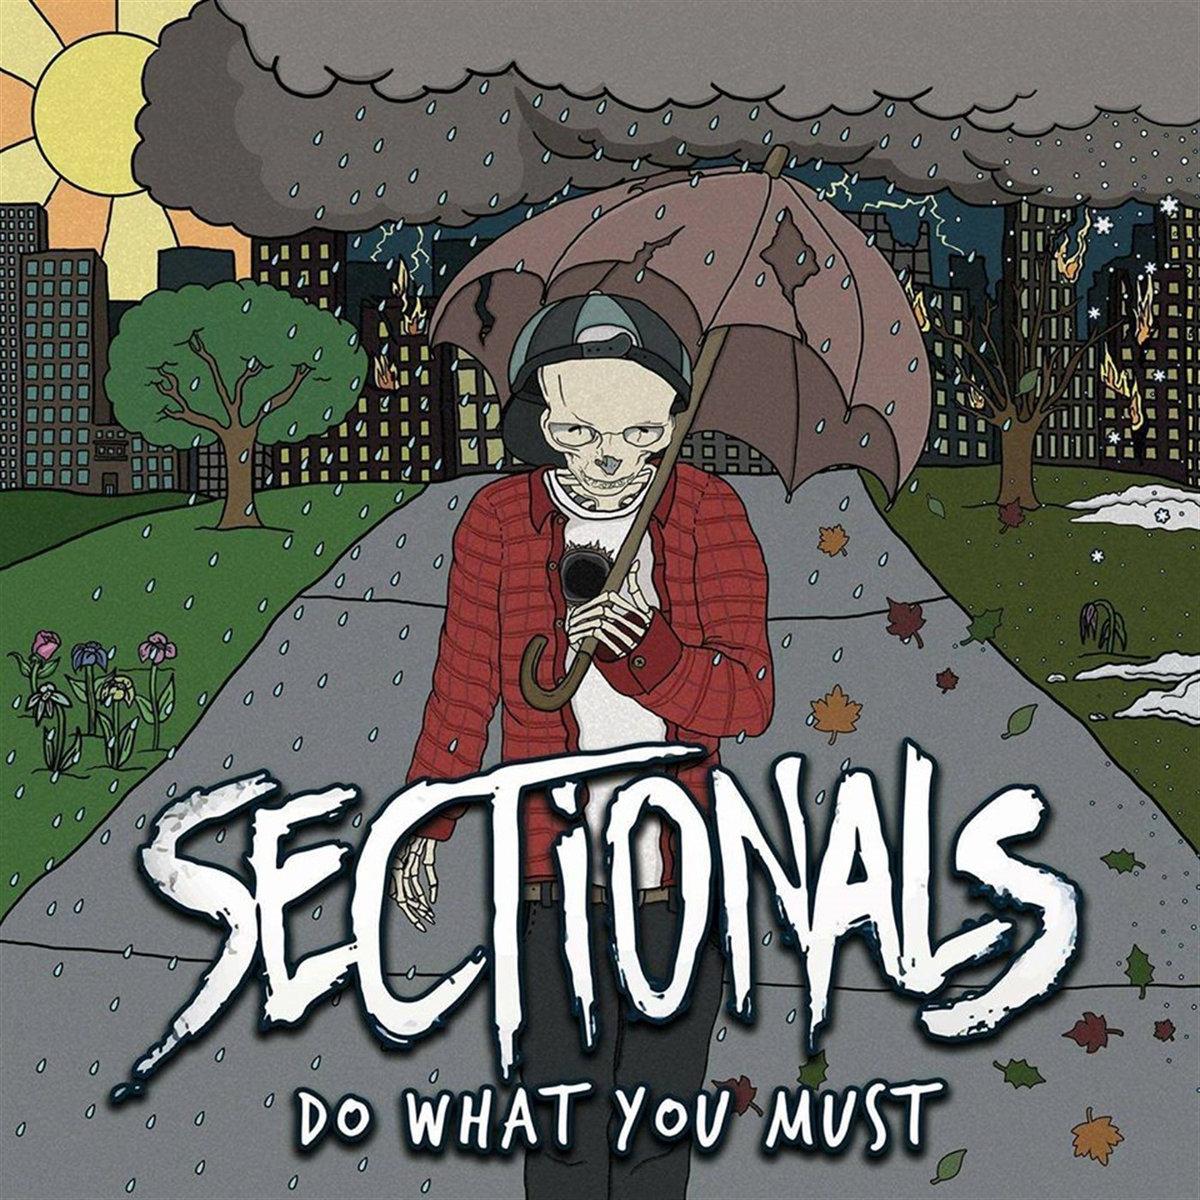 イージーコア界に新風!シカゴのポップ・イージーコアバンド「Sectionals」がニューEPをリリース!